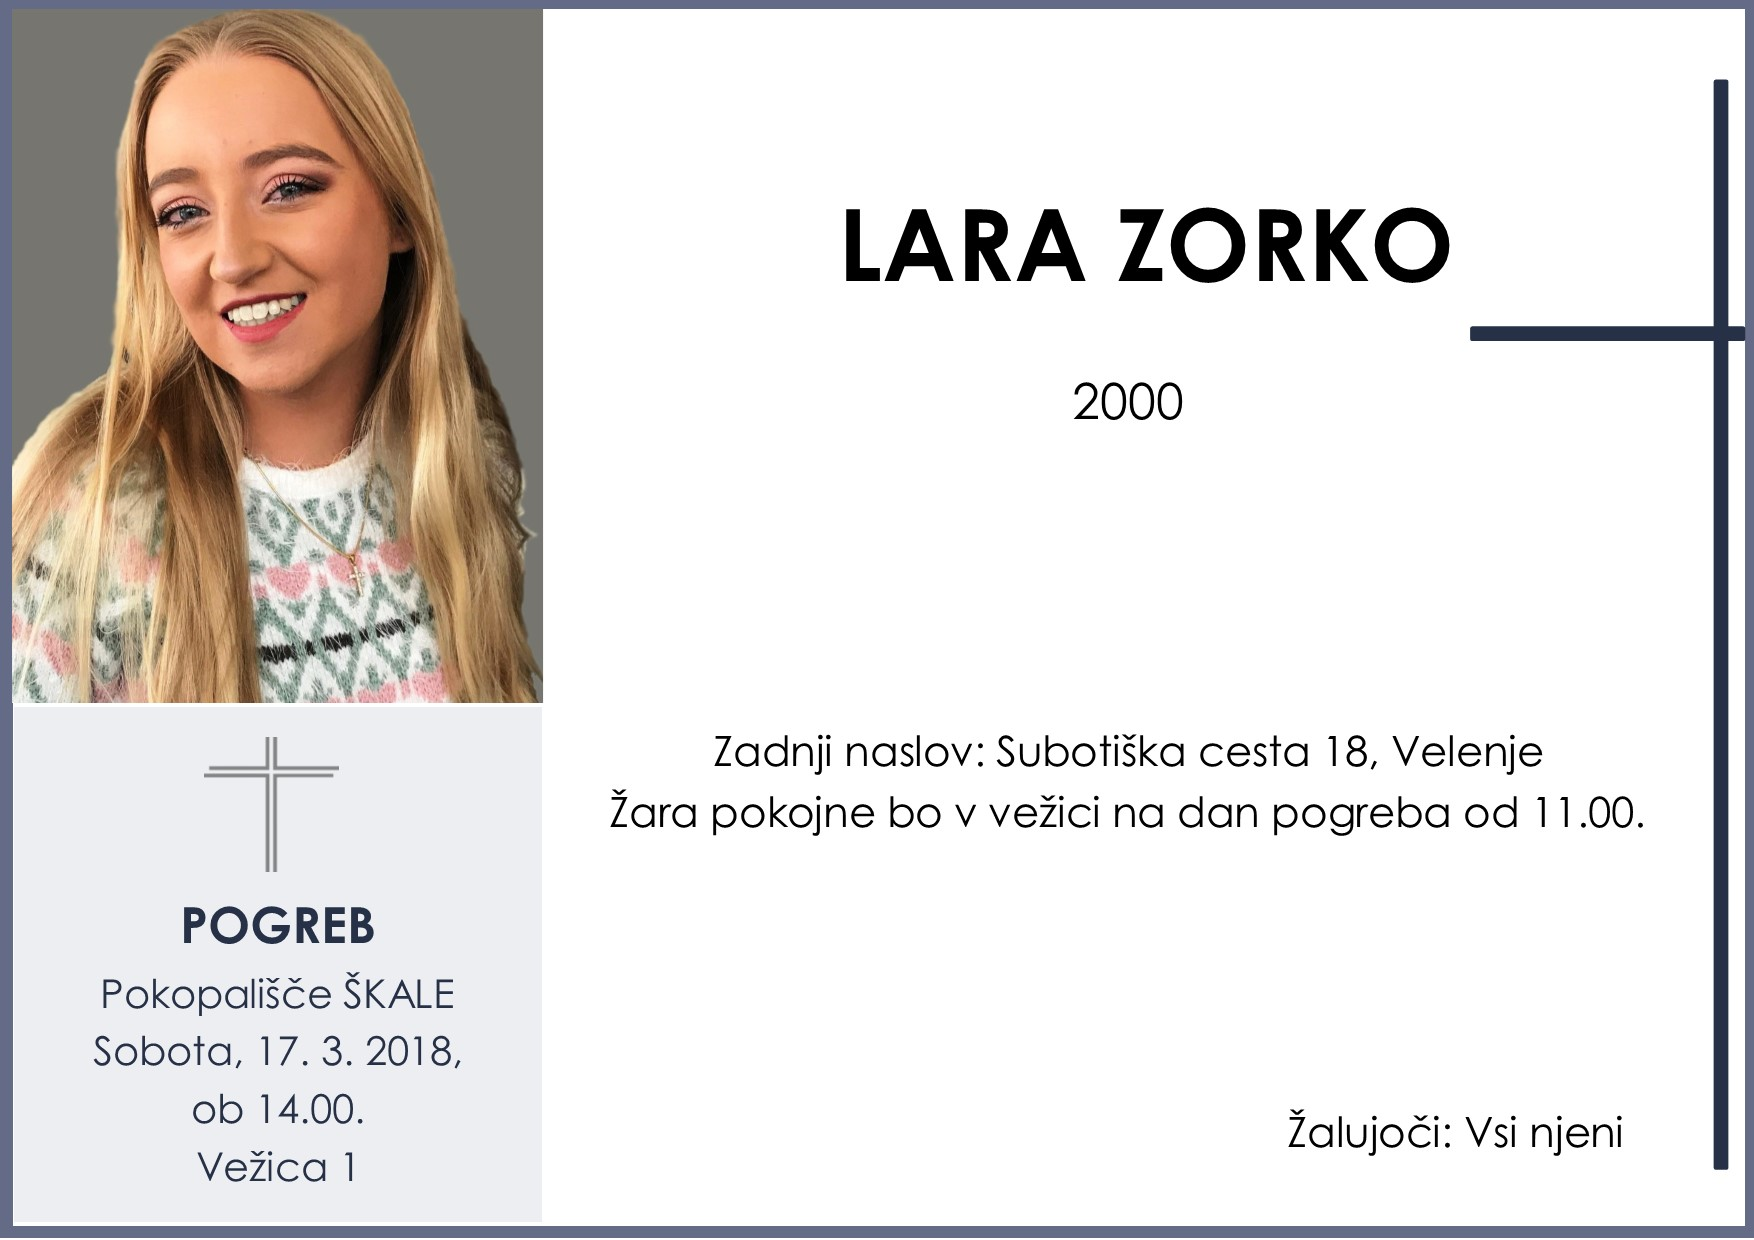 LARA ZORKO, Škale, 17. 03. 2018